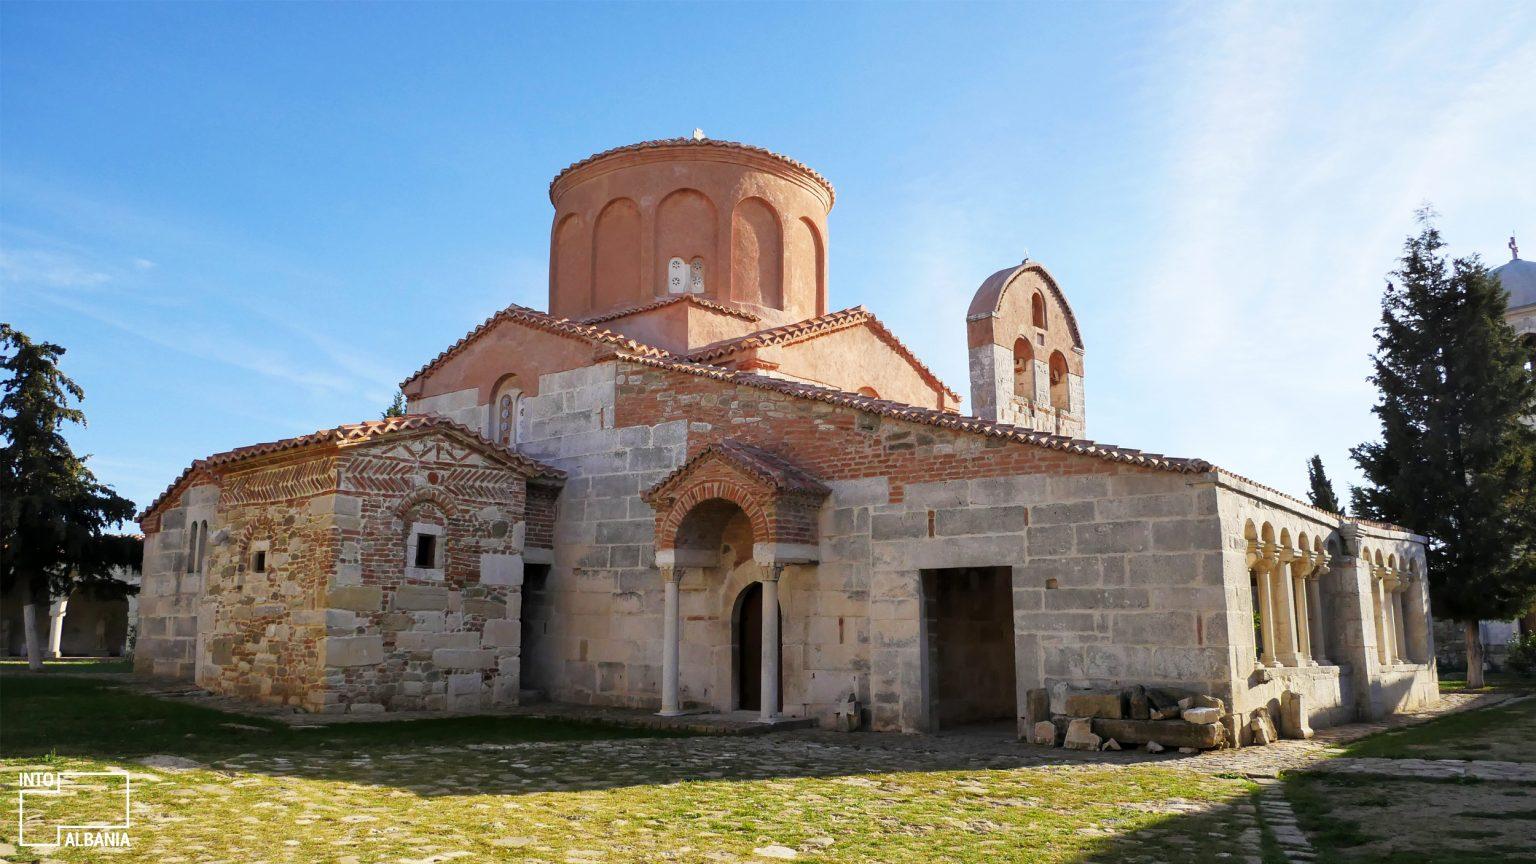 Manastiri dhe Kisha e Shën Mërisë. Fier, foto nga IntoAlbania.